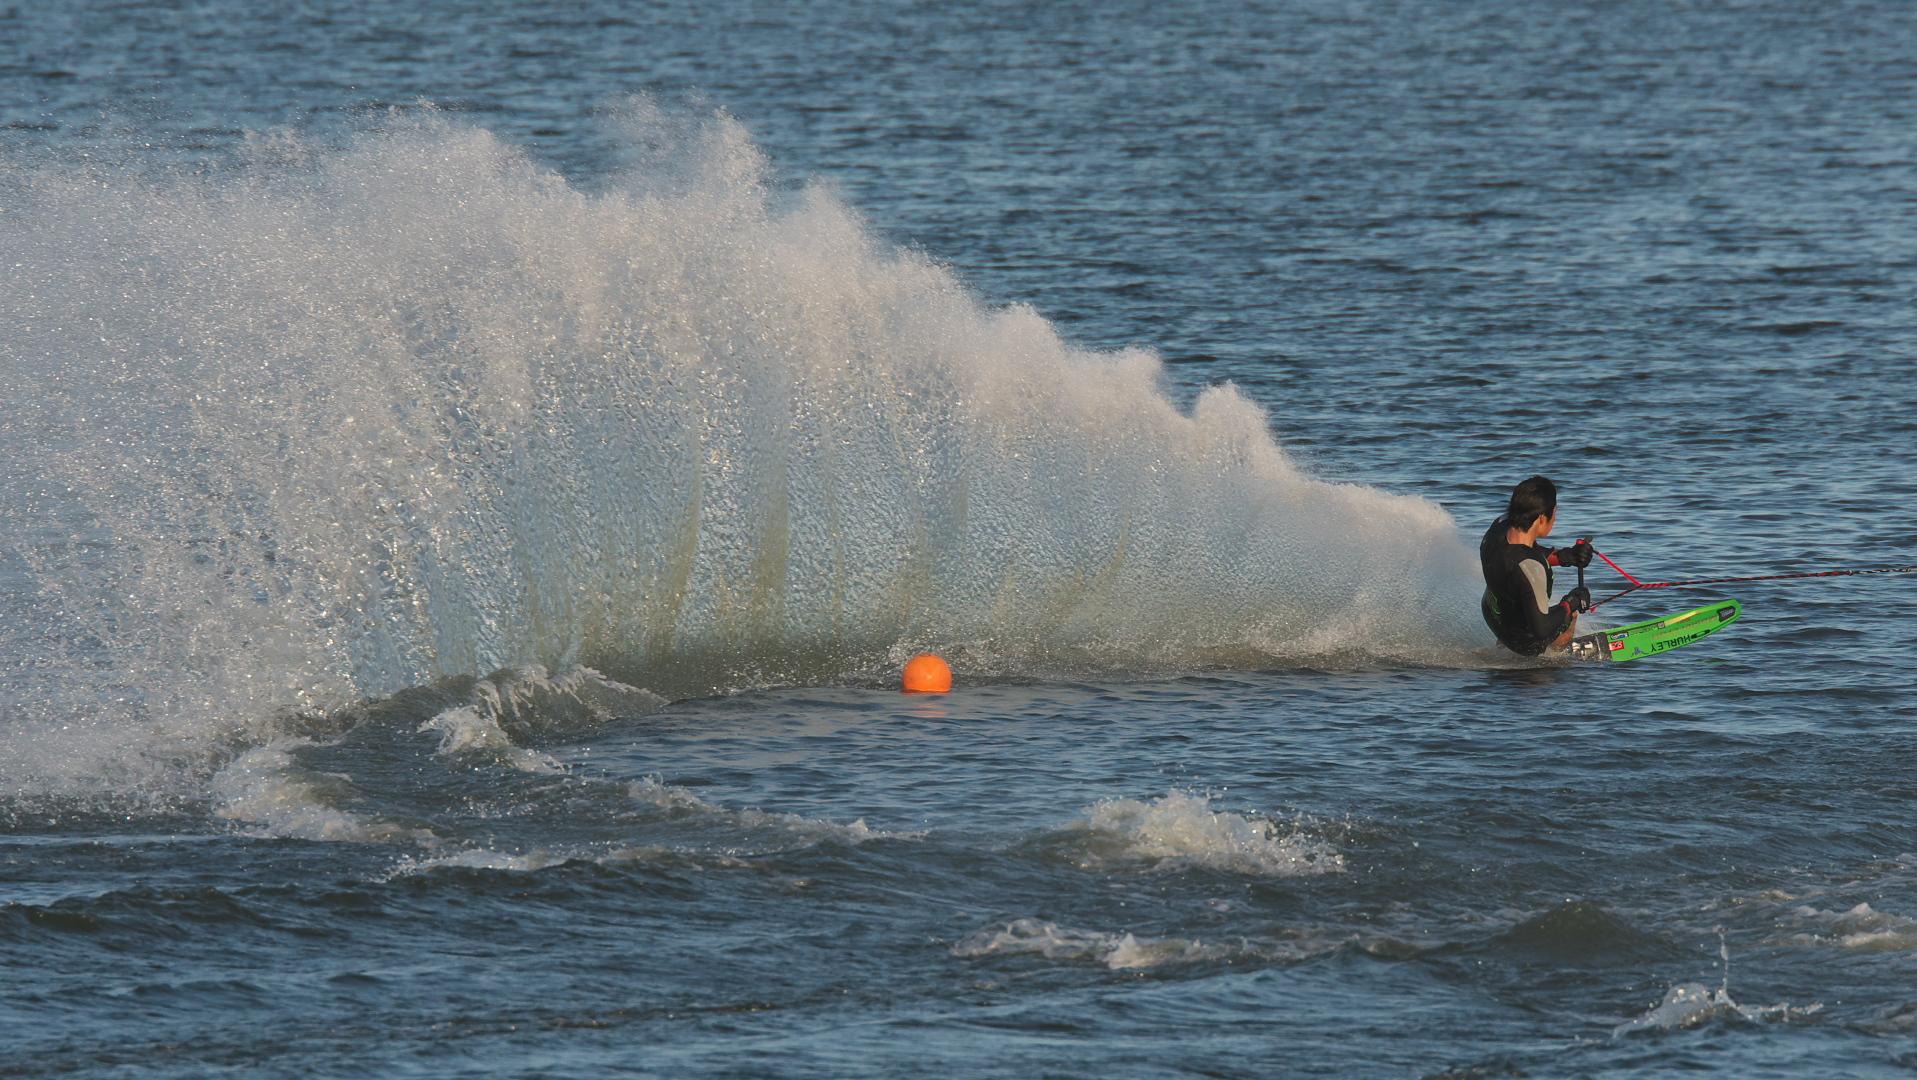 水しぶき、まるでジェット噴射!!